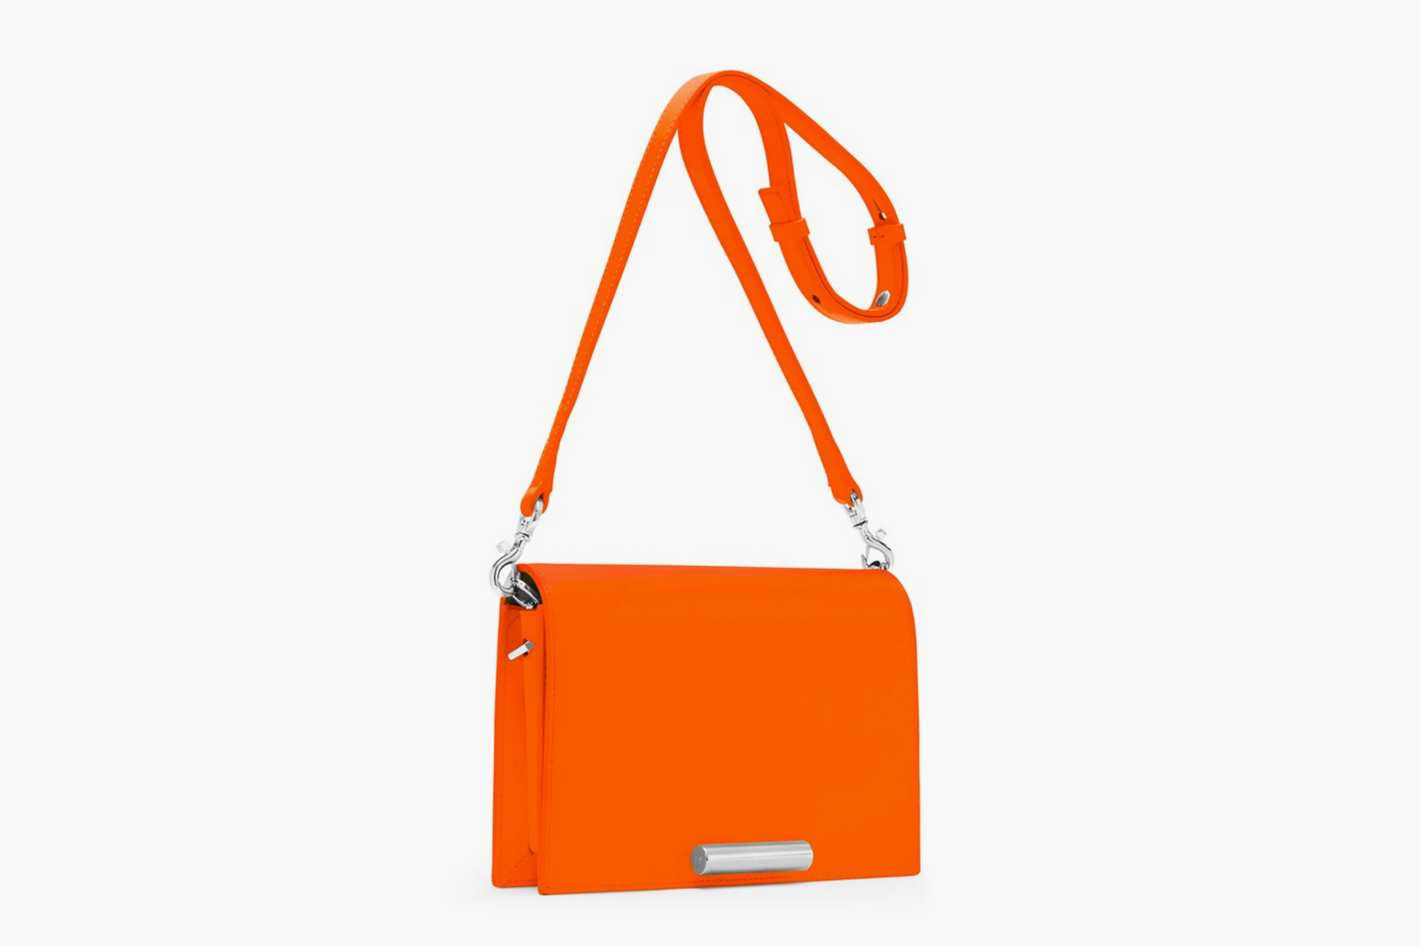 The April Belt Bag